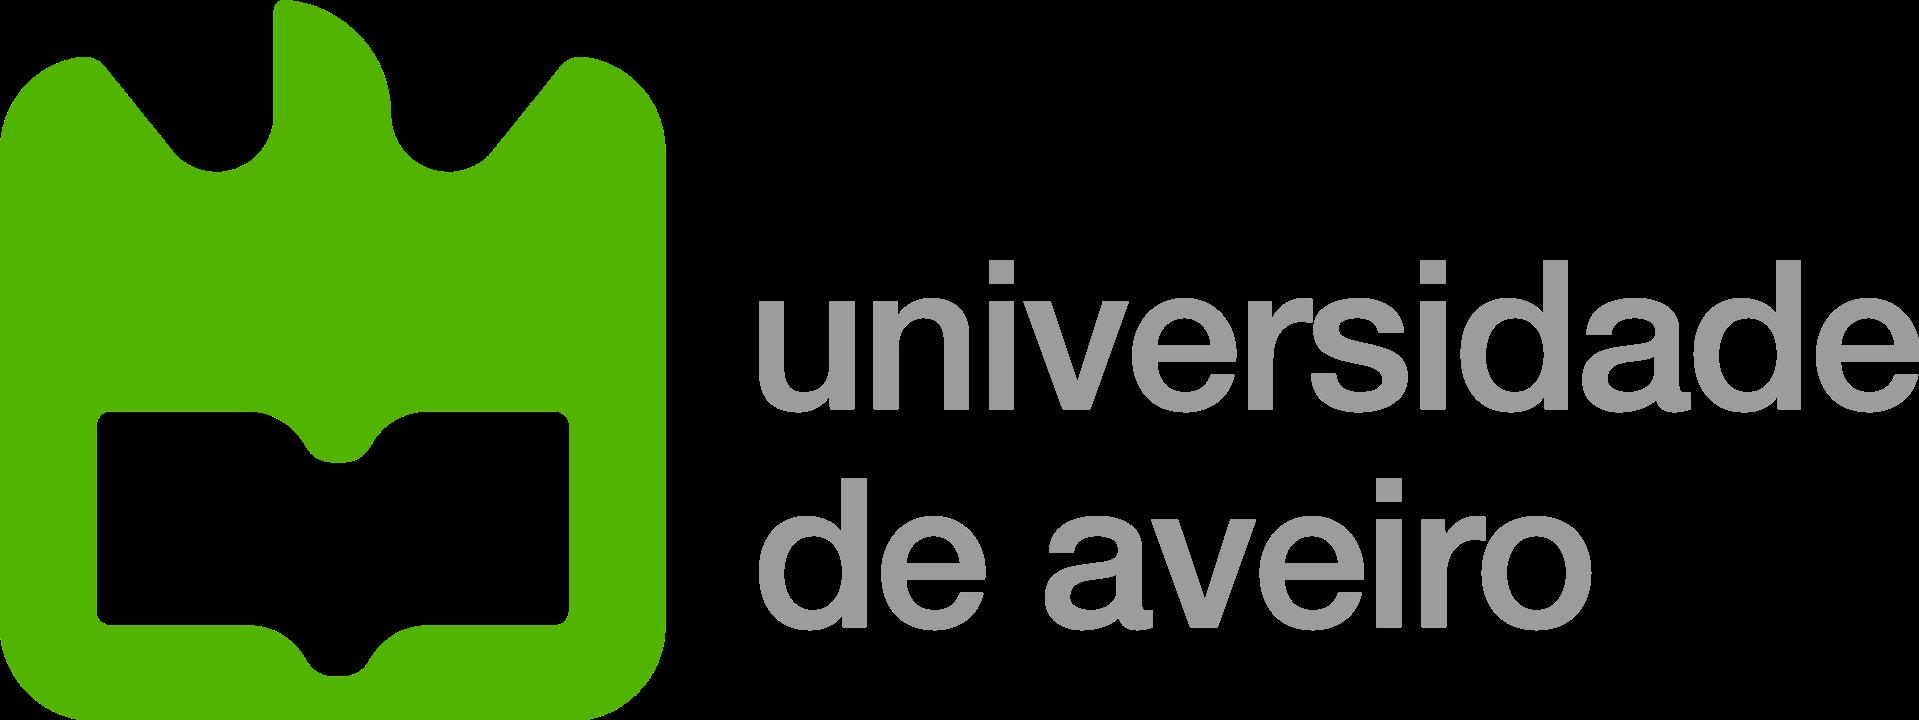 university-aveiro